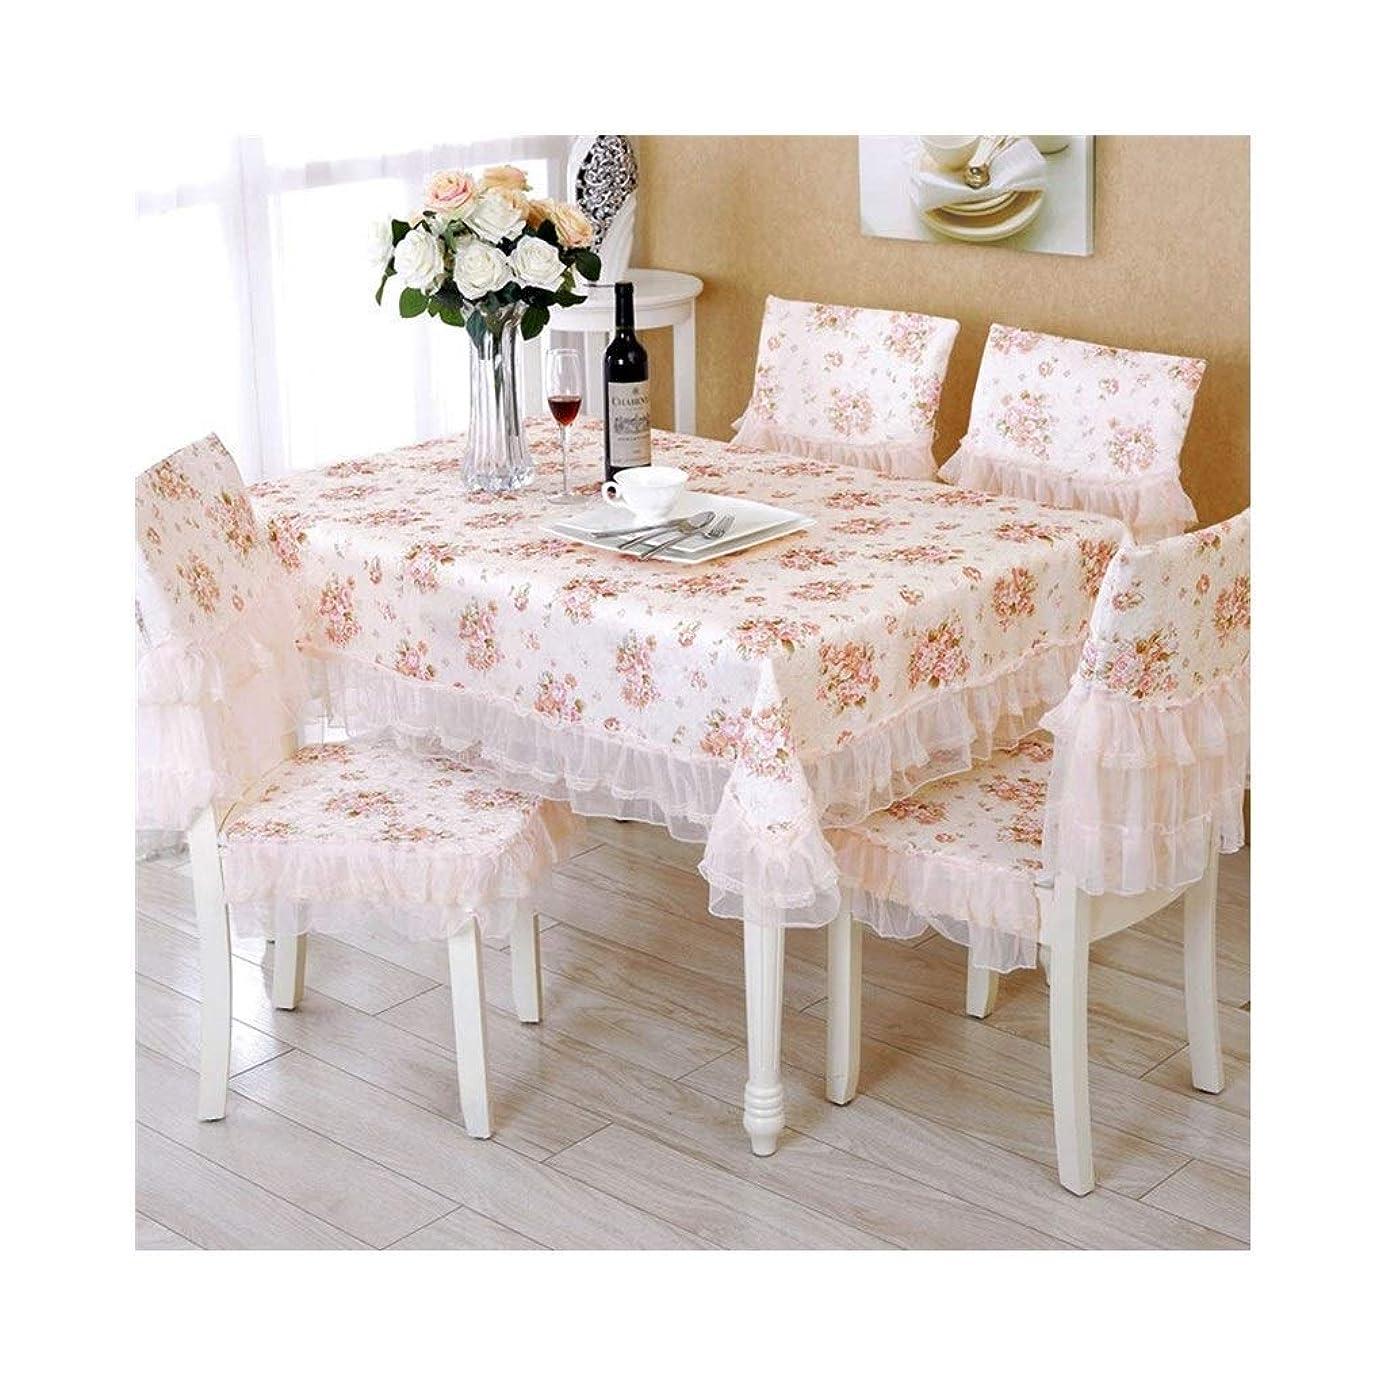 回転上記の頭と肩追加テーブルクロス、ロマンチックでエレガントな小さな花、屋内および屋外パーティーディナーウェディング長方形、ピンク321に適しています(サイズ:110cm * 110cm)